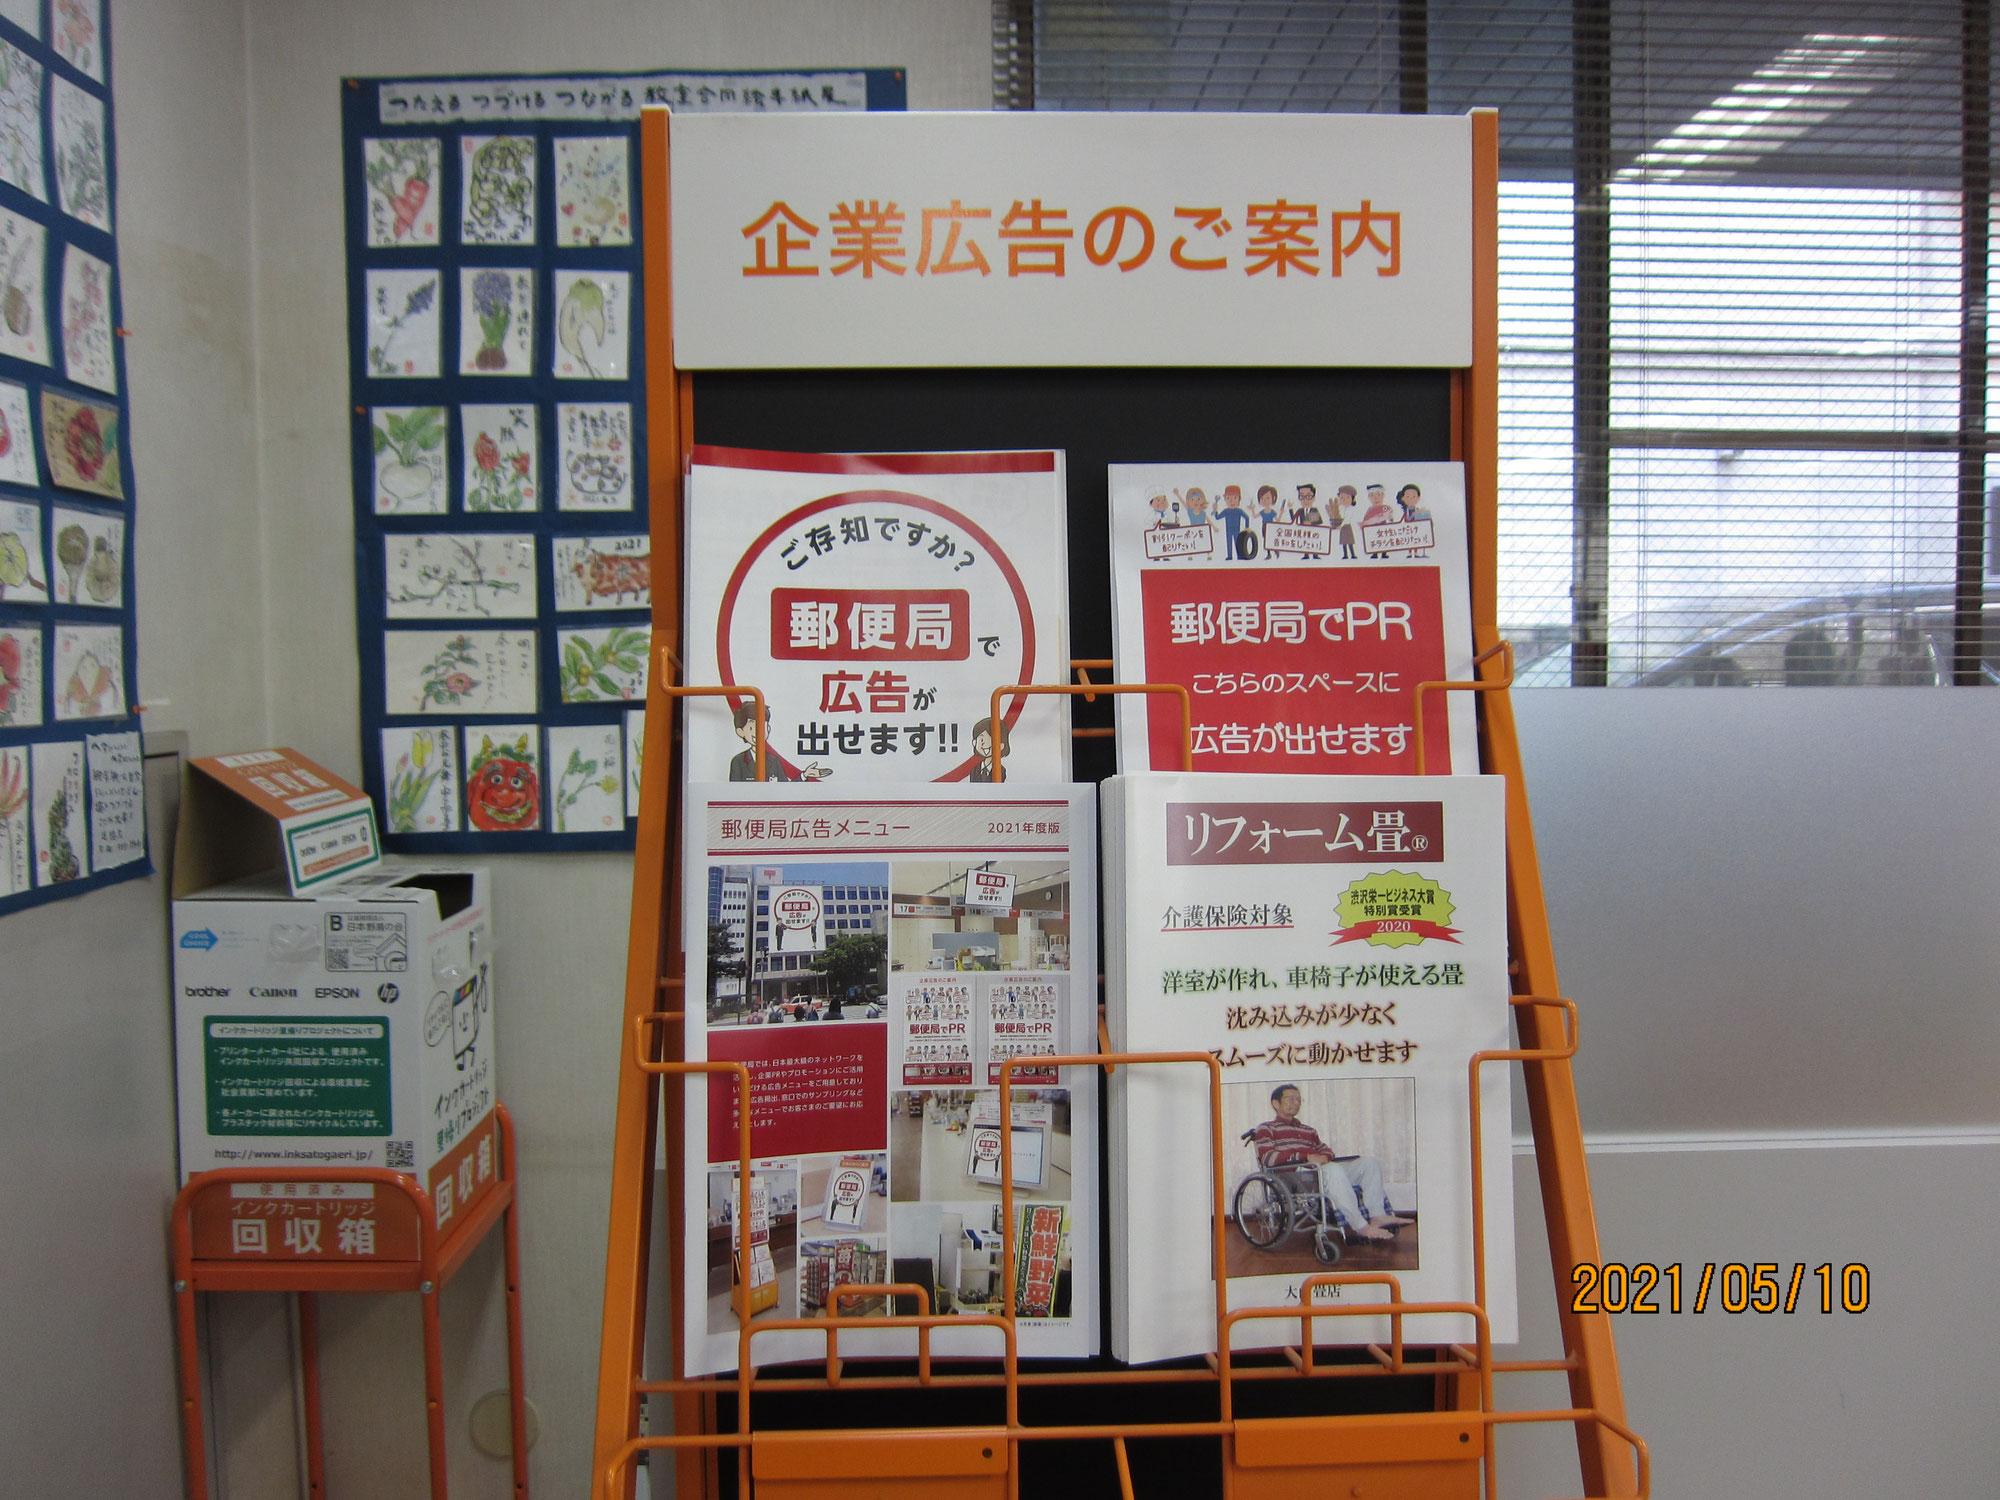 八潮市の郵便局に「リフォーム畳®」のパンフレットを設置